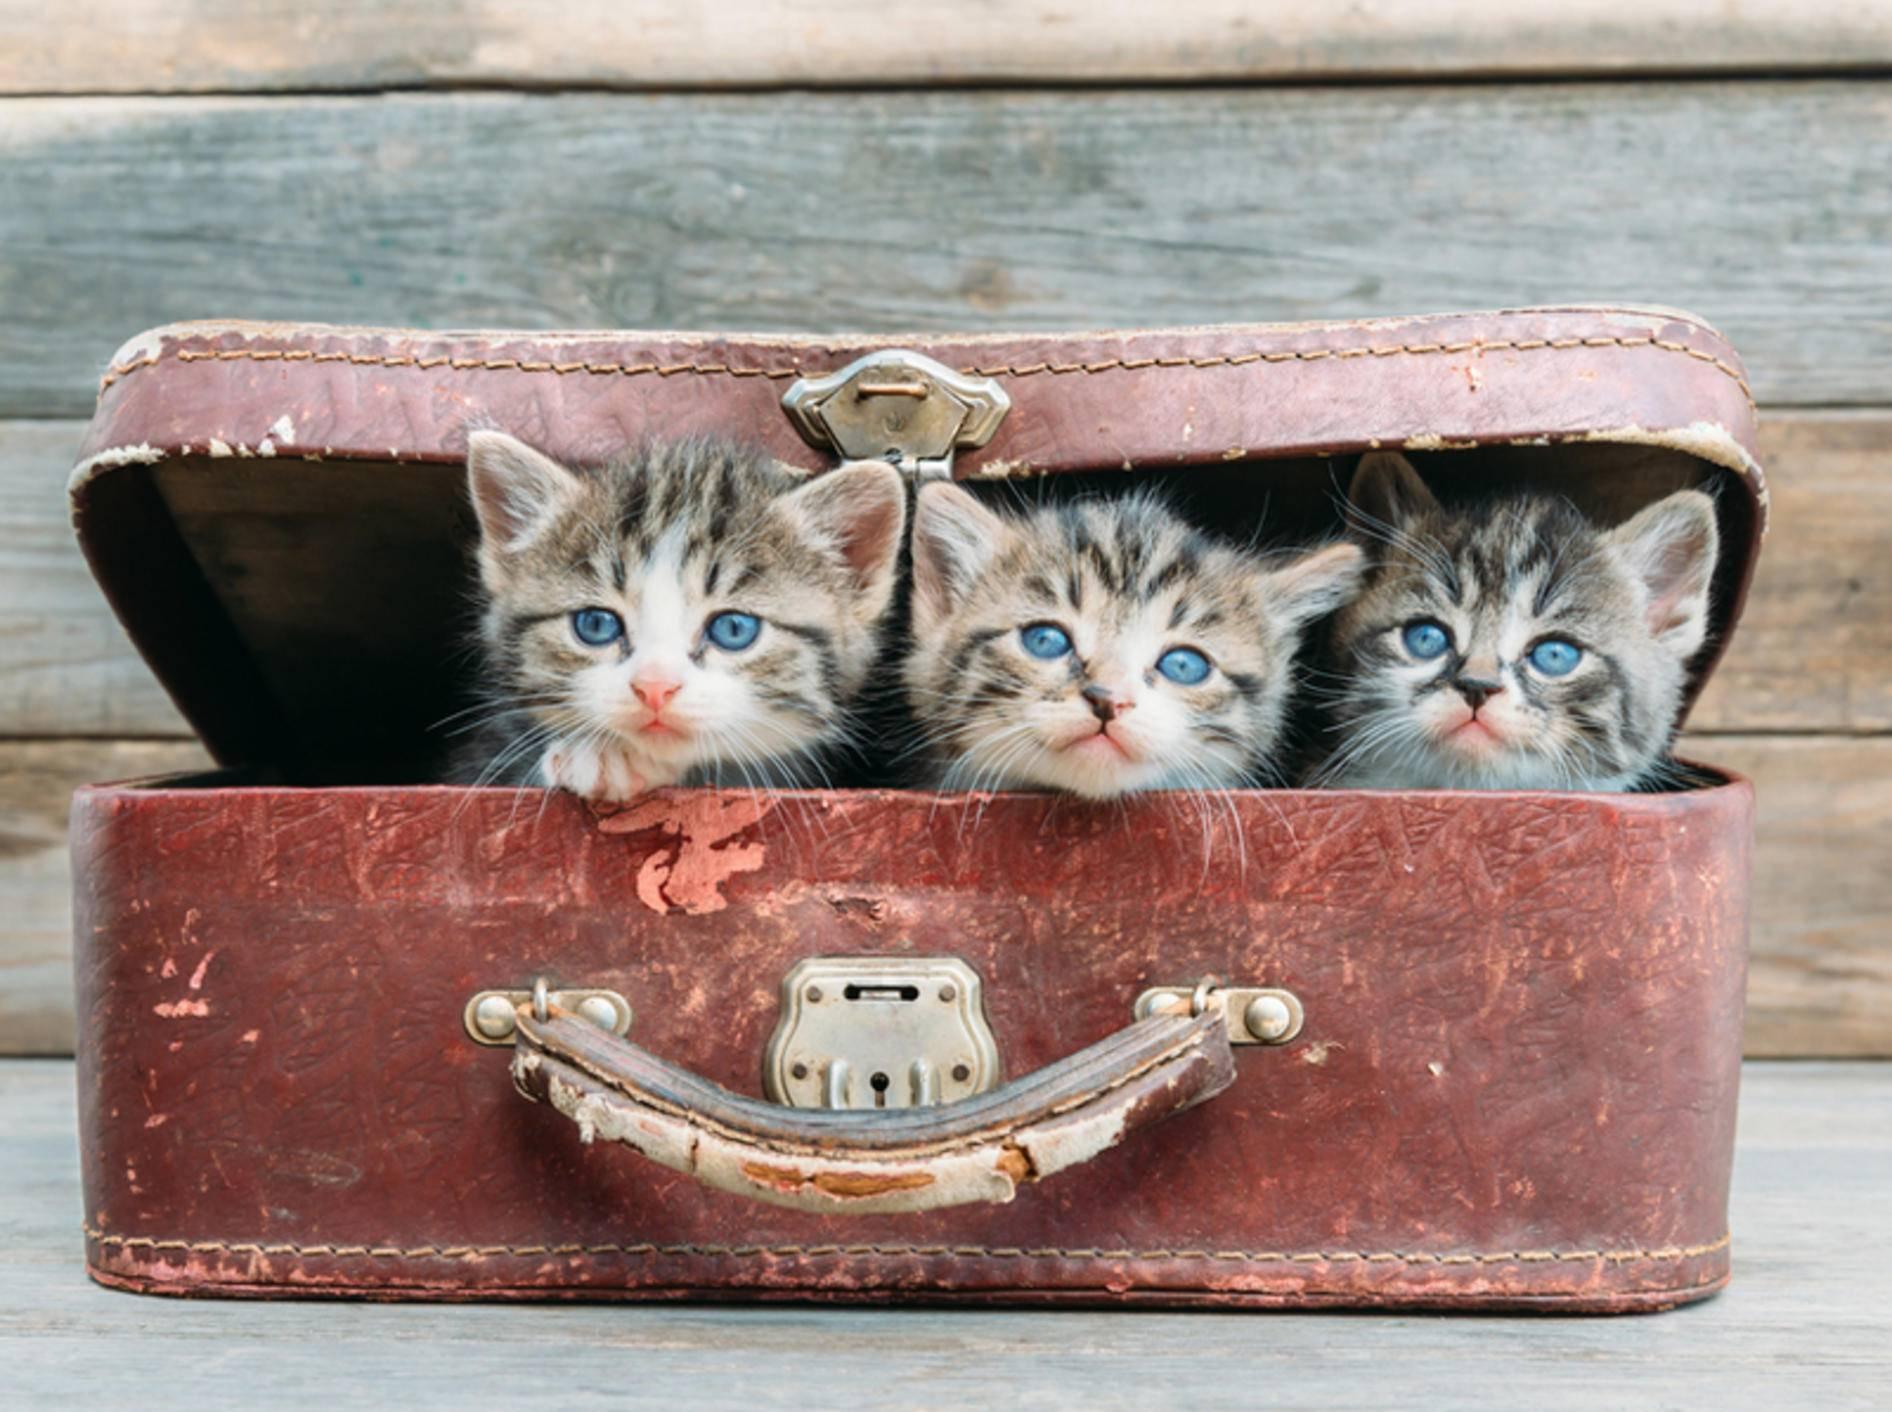 Nicht jede Katze fühlt sich im Urlaub so wohl wie diese Kofferkinder – Bild: Shutterstock / Poprotskiy Alexey